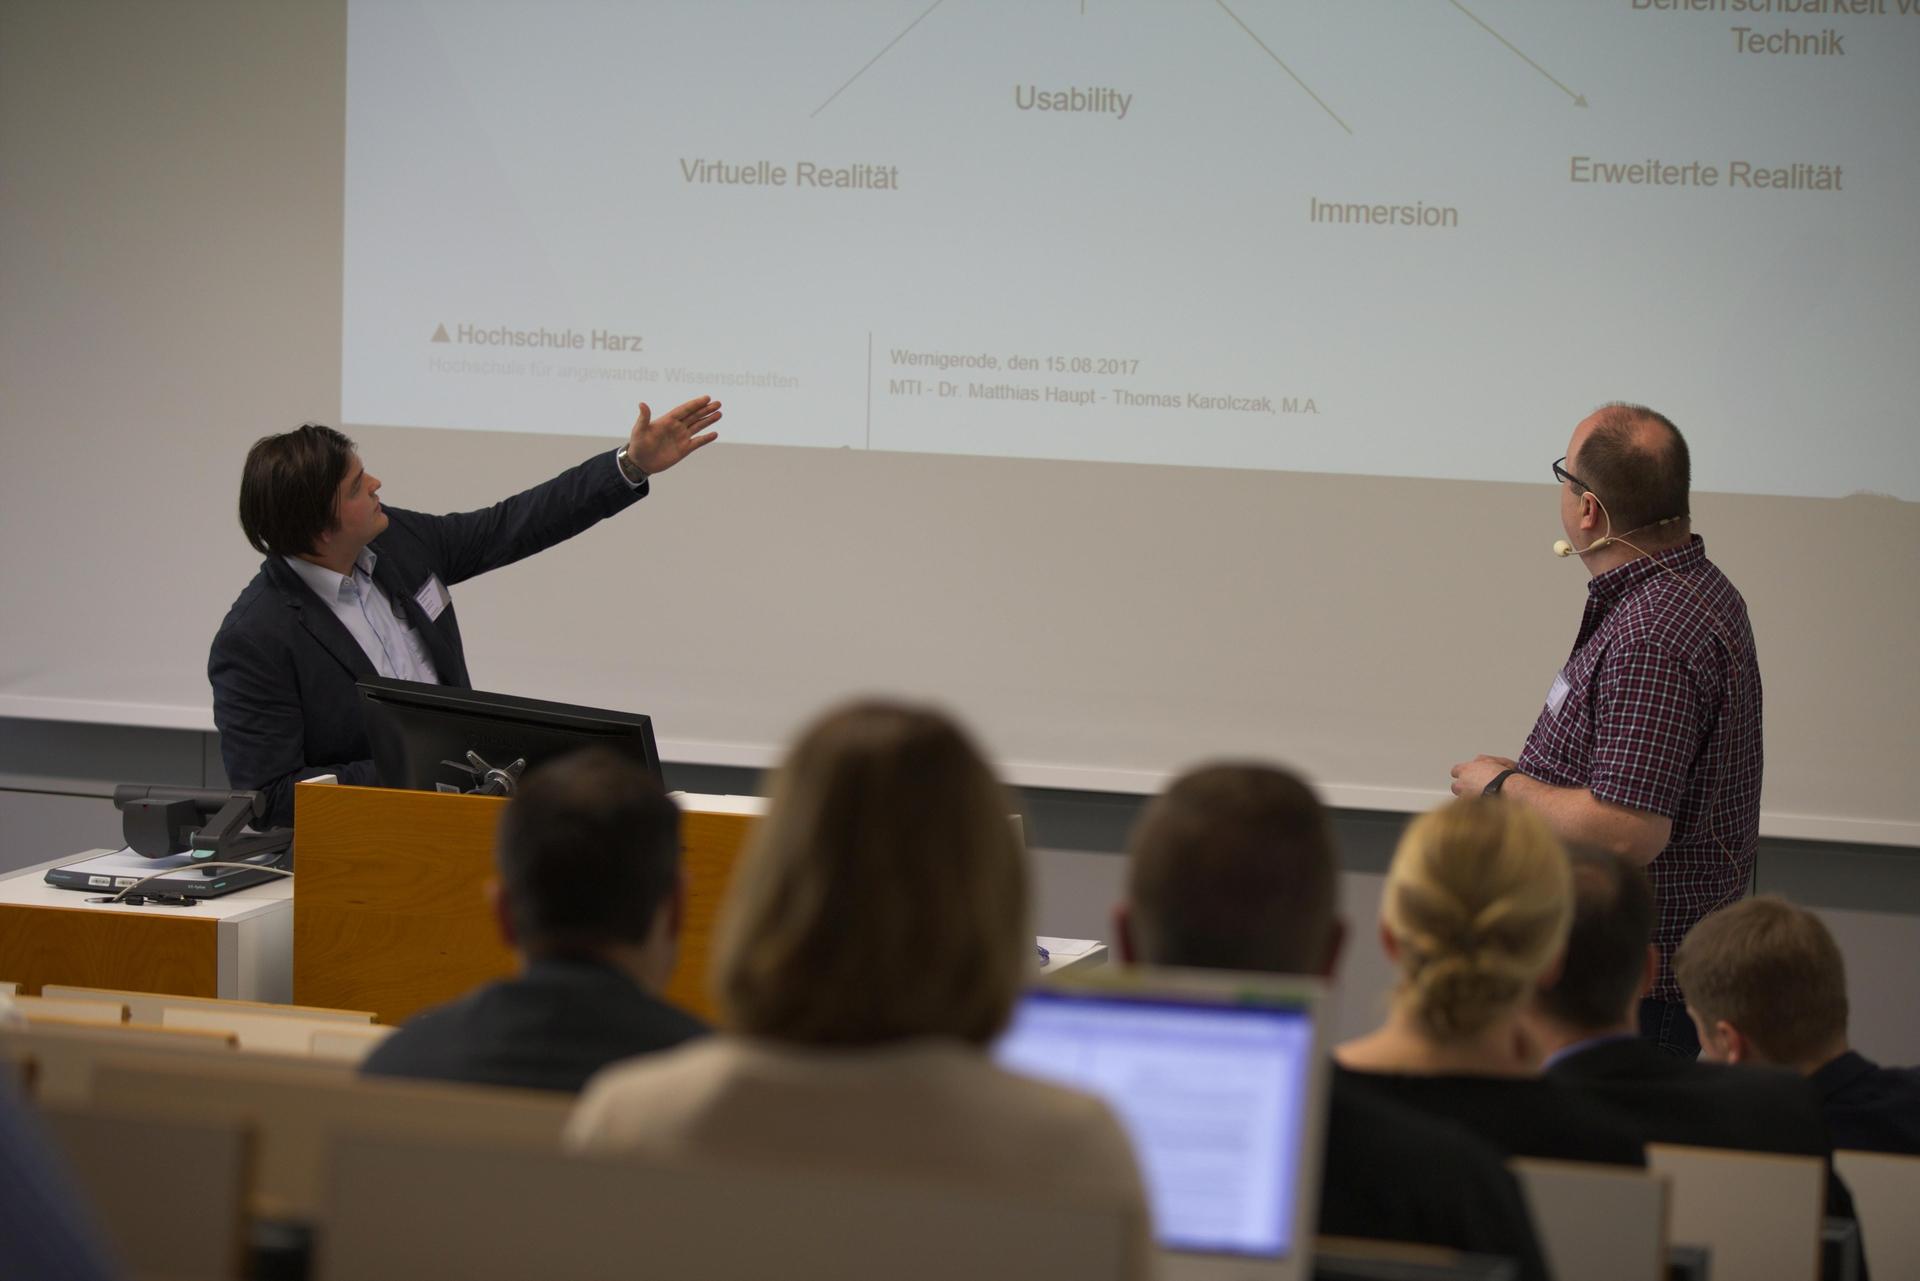 Thomas Karolczak und Dr. Matthias Haupt